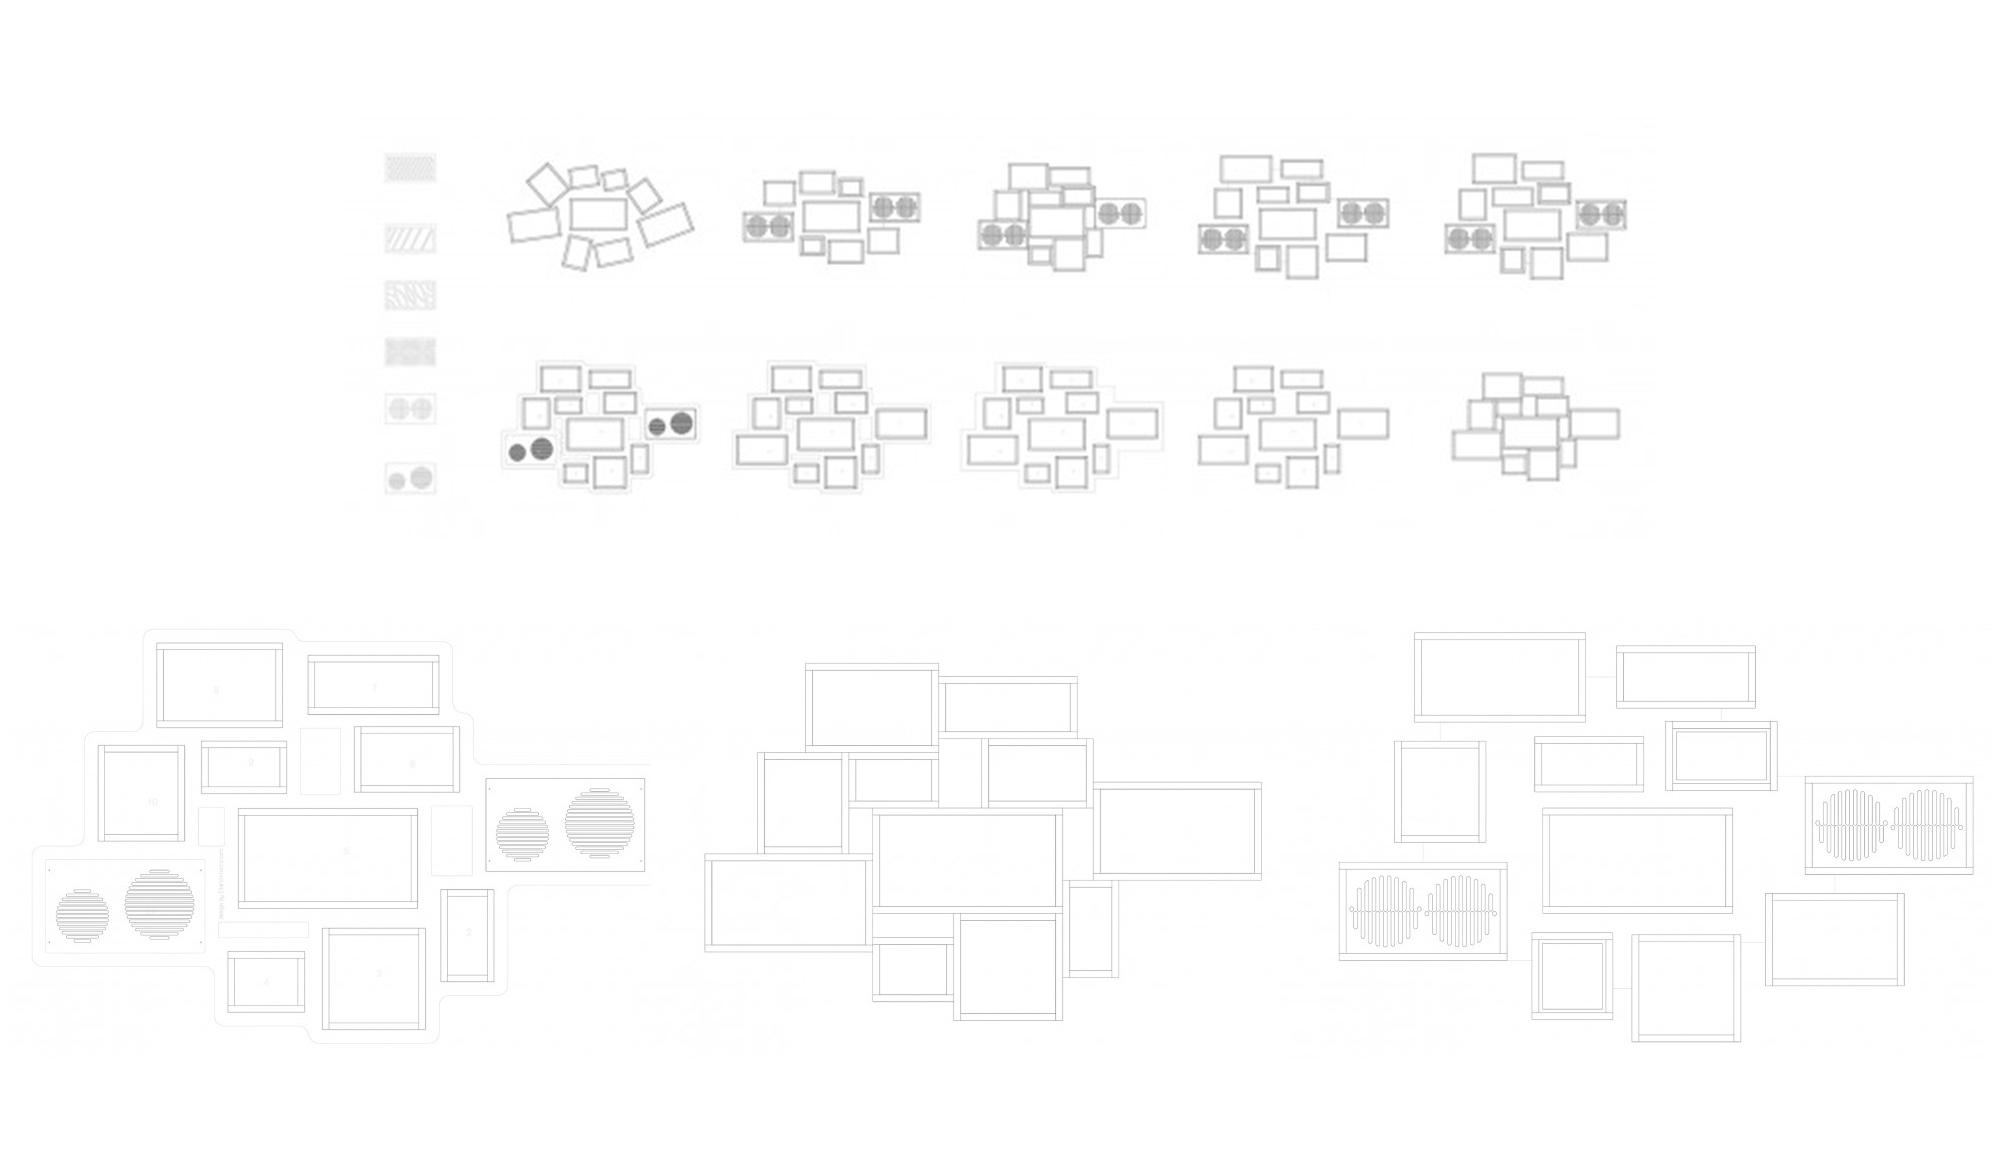 Estanteria-Kubik_-Diseño-_-EXarchitects_09